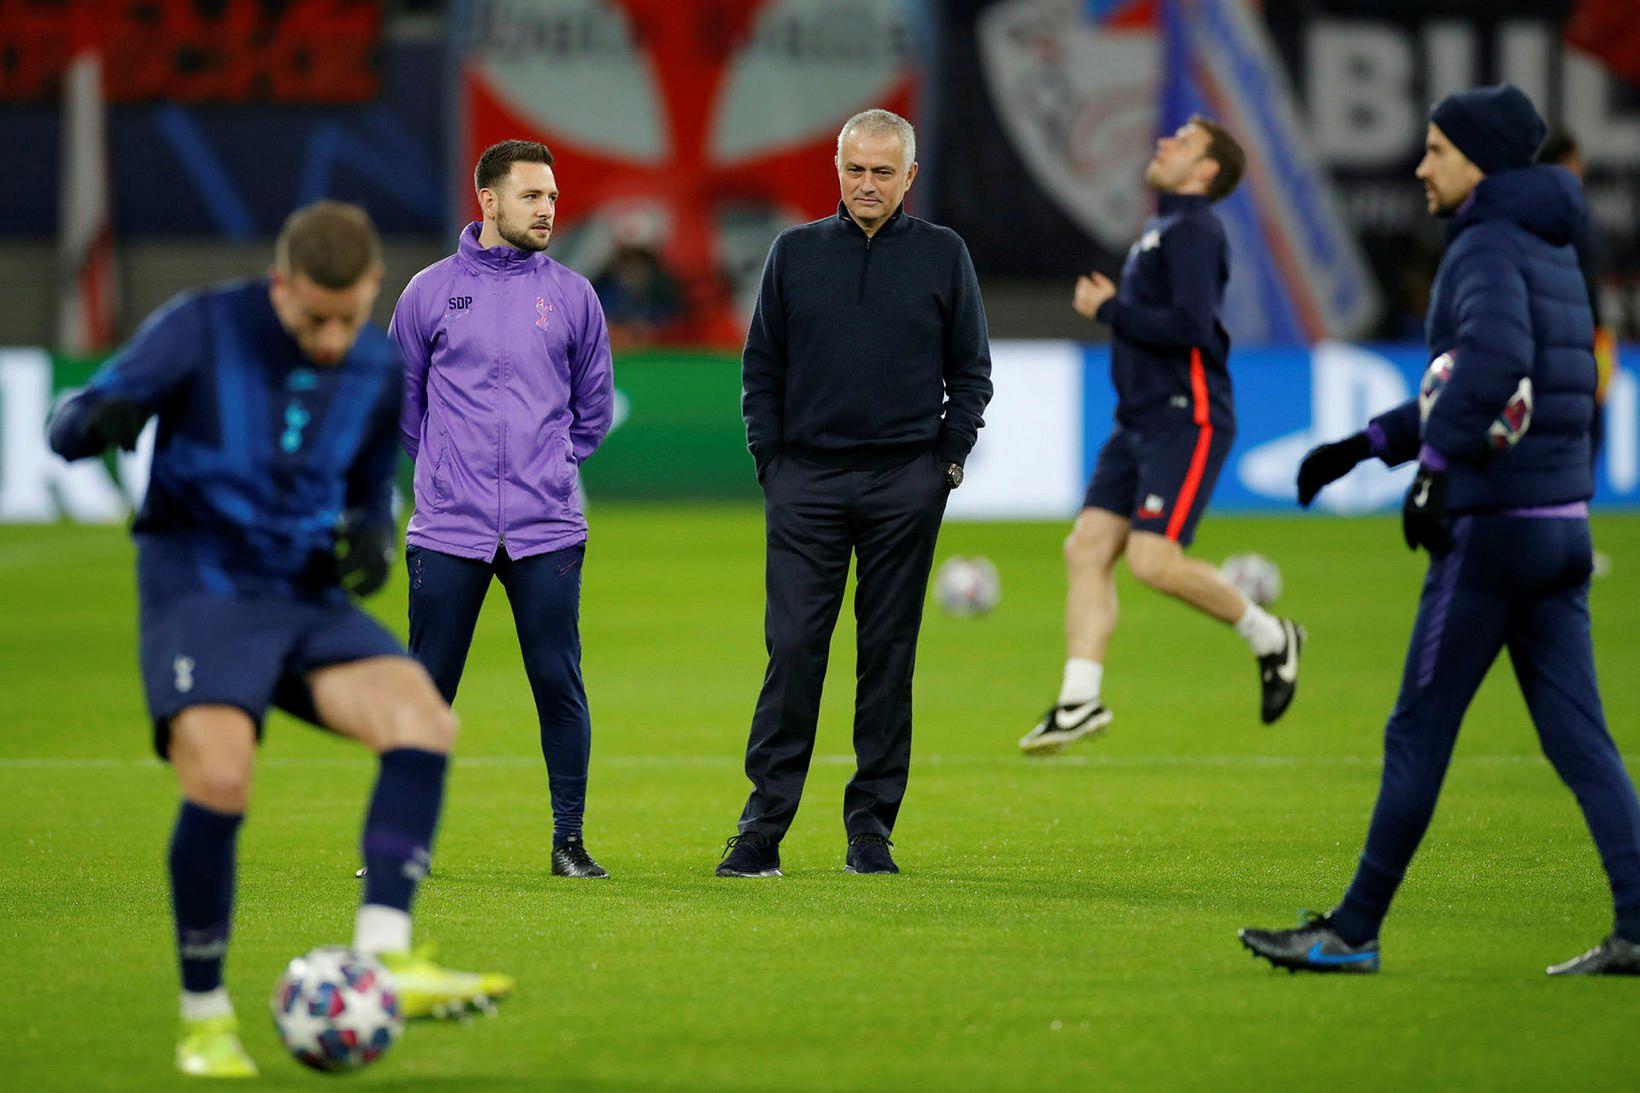 José Mourinho reynir eins og aðrir knattspyrnustjórar að halda sínum …